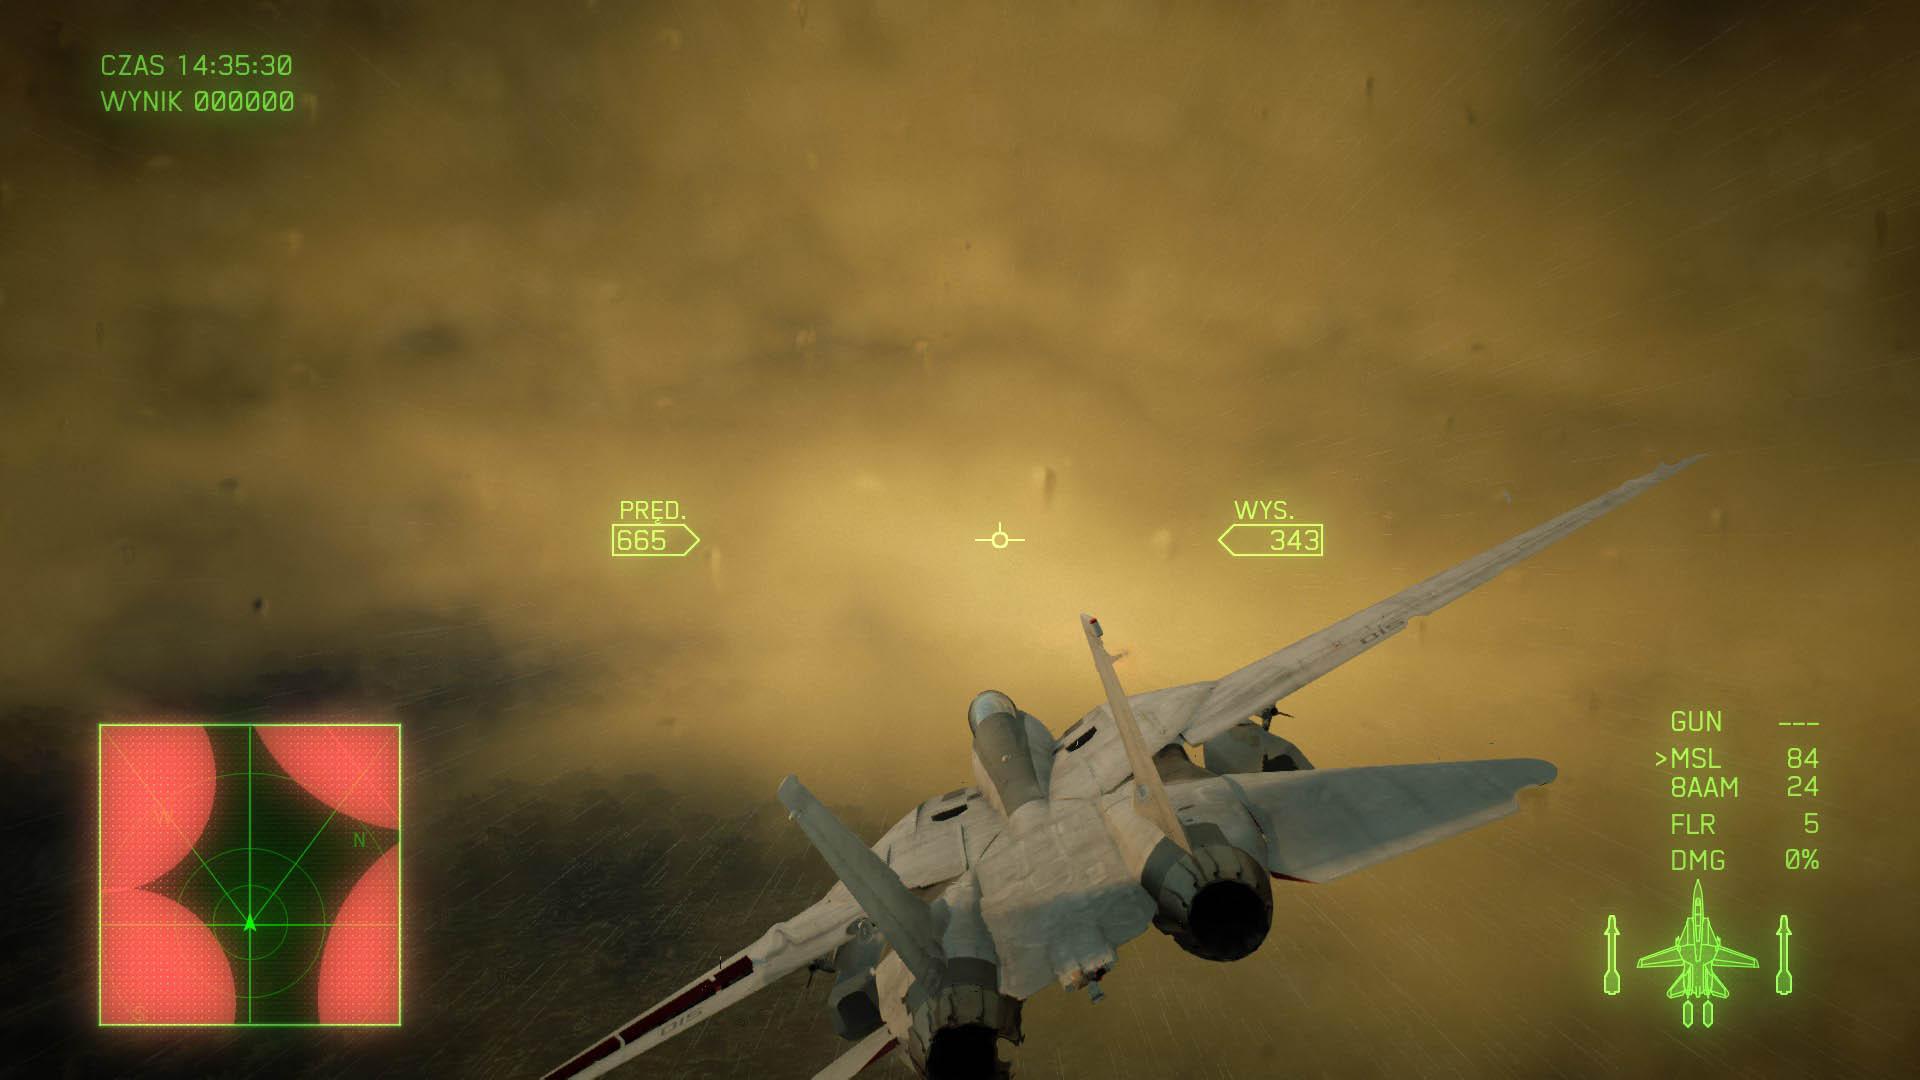 Ace Combat 7 - Lot samolotem